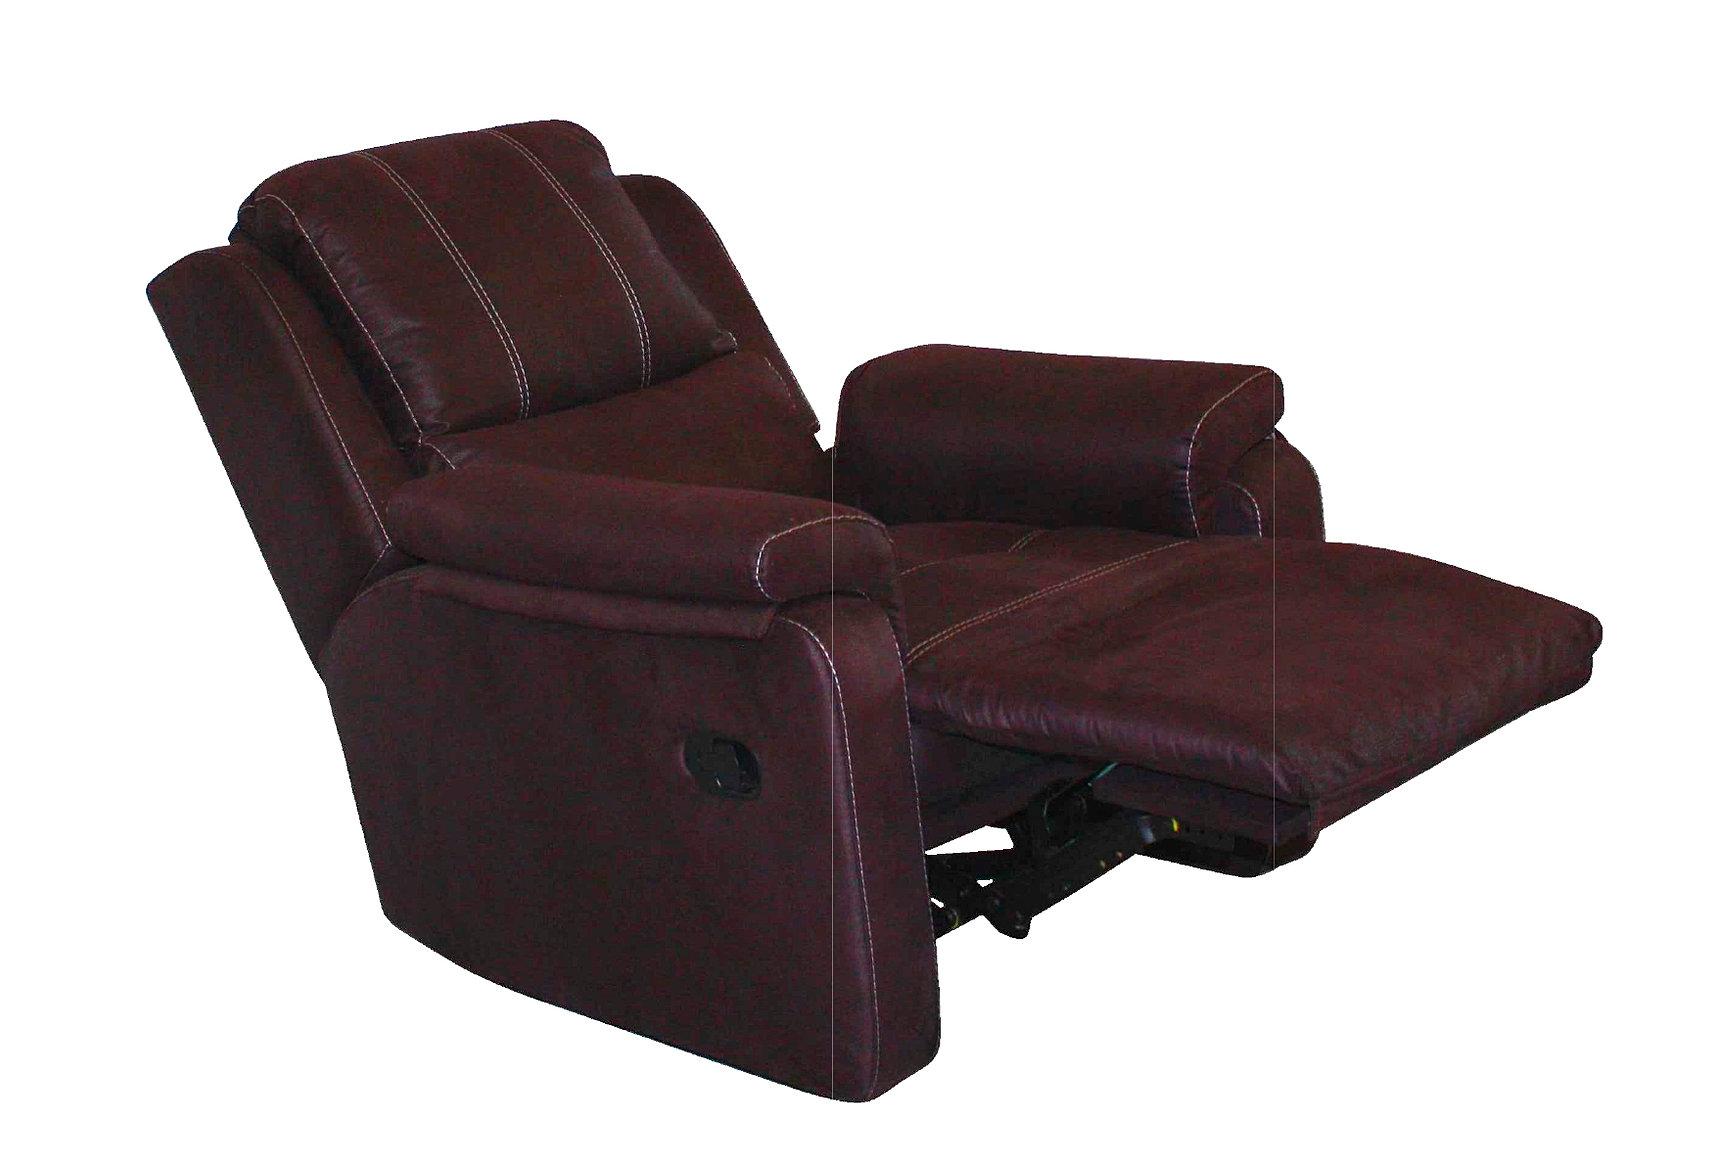 Sofass sevilla sillones relax en sevilla for Natuzzi sevilla